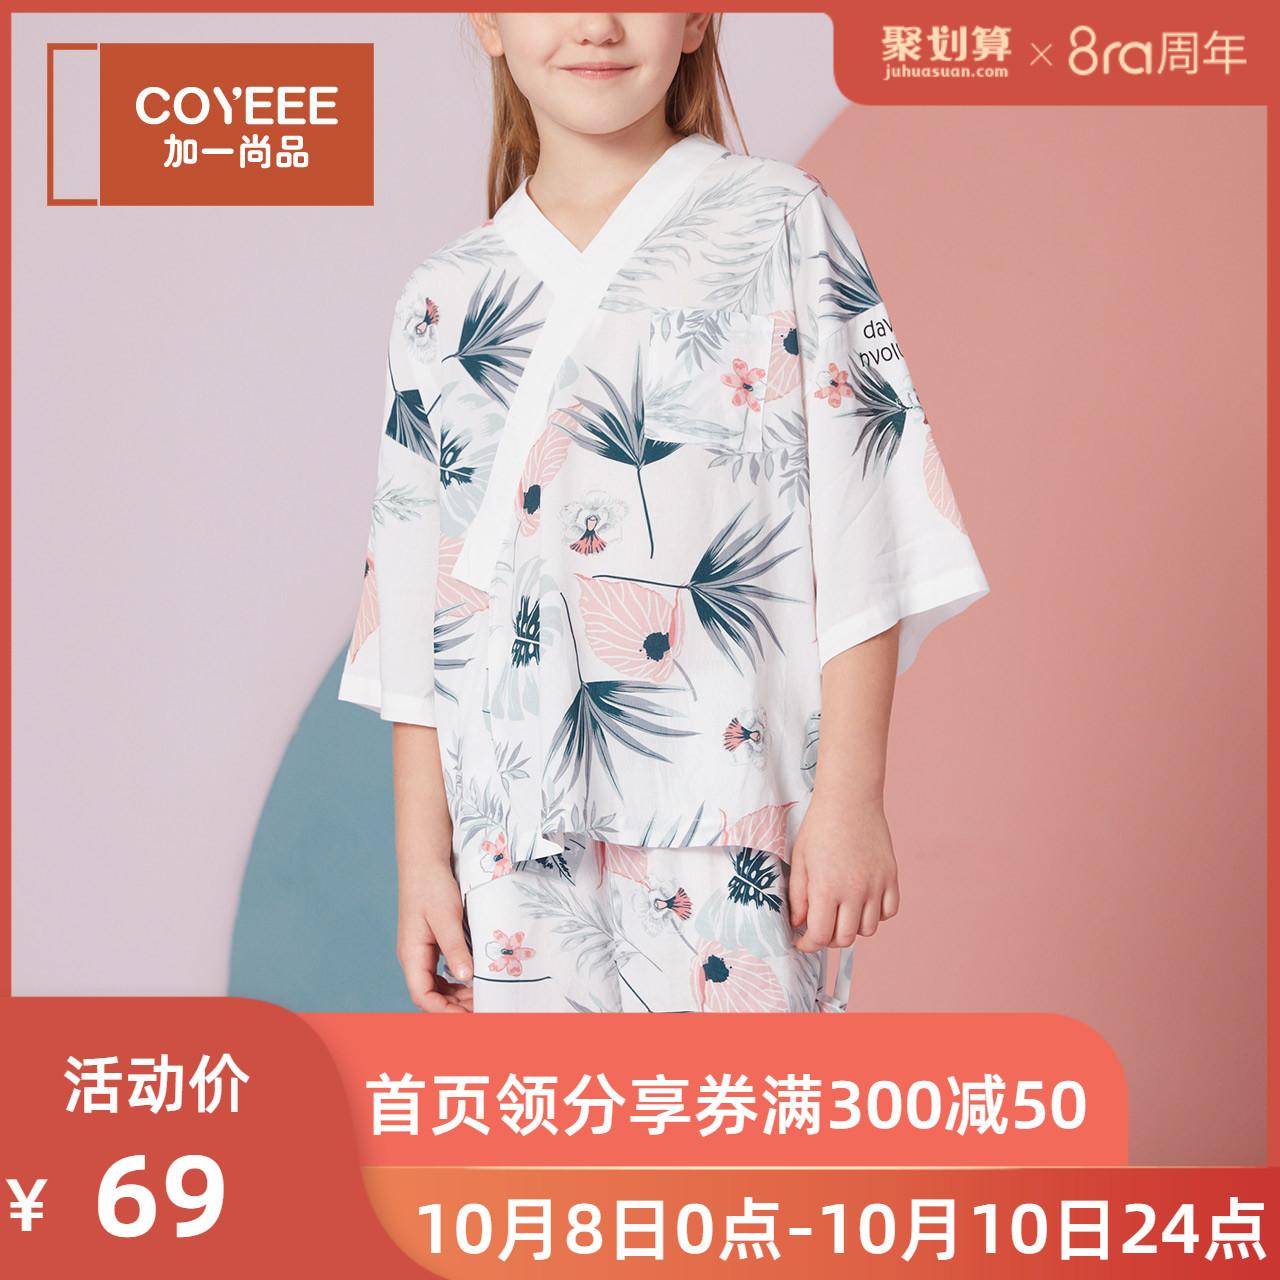 加一尚品人棉印花女童夏季休闲睡衣限4000张券